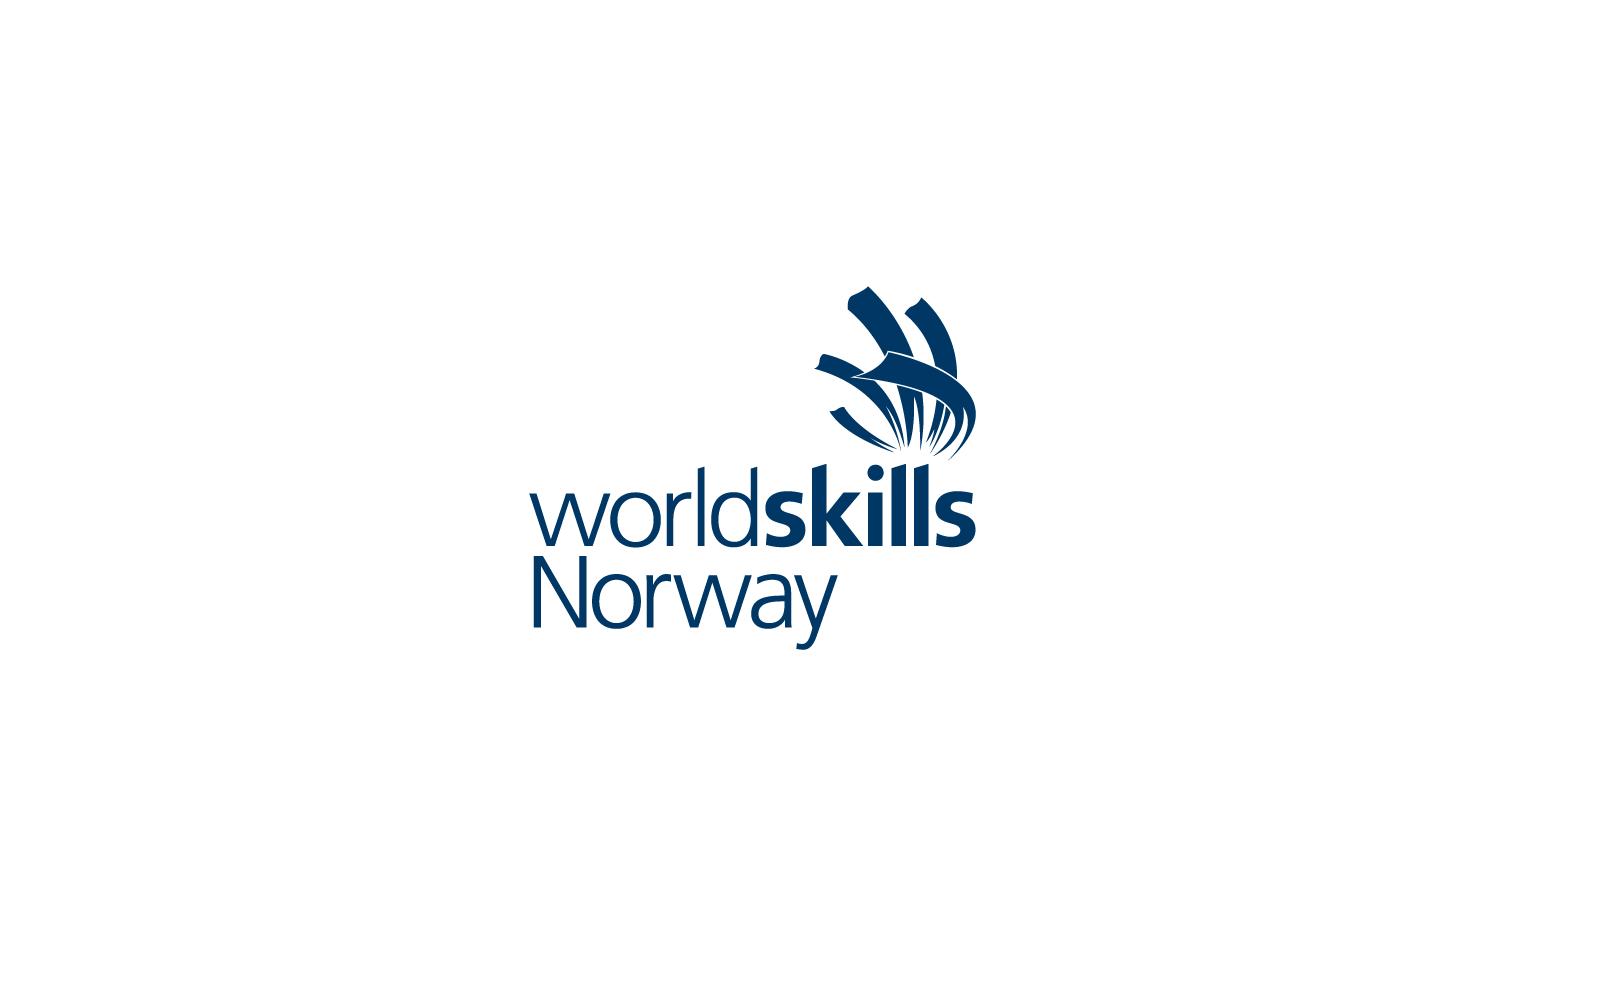 ws-norway-logo-hvit-bg-01